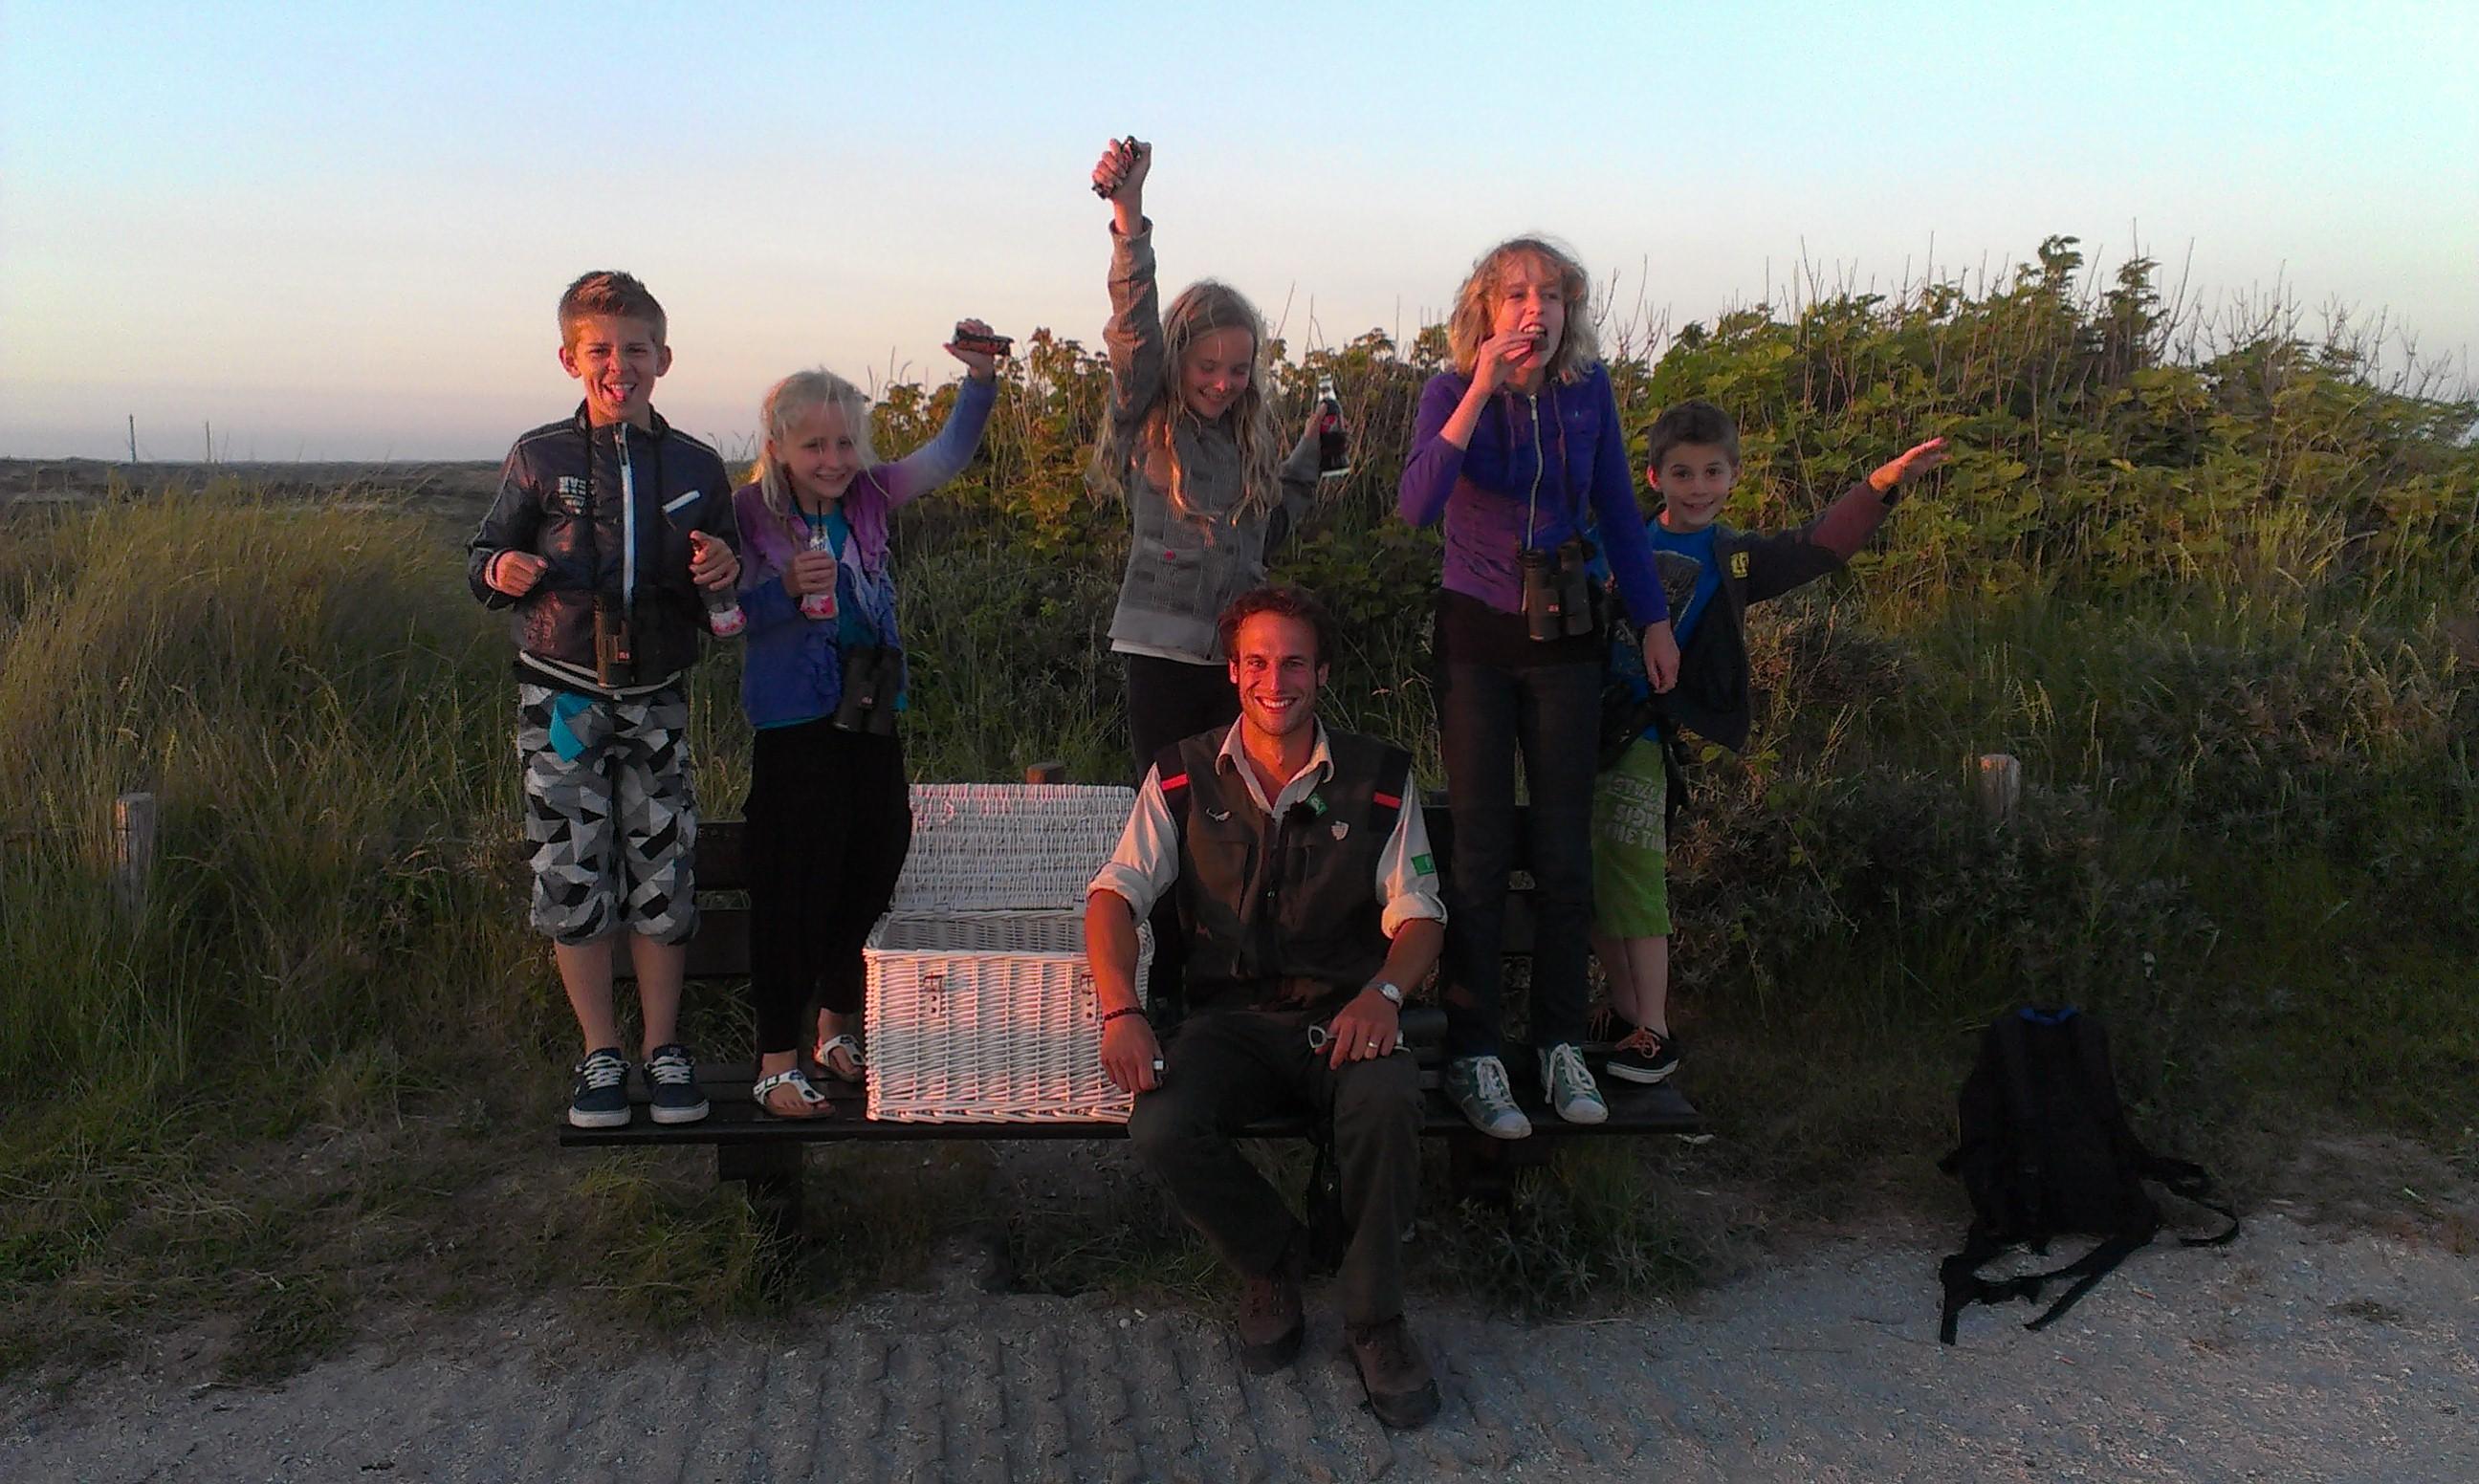 De Grote Vijf in Hollands Duin is ....!!!